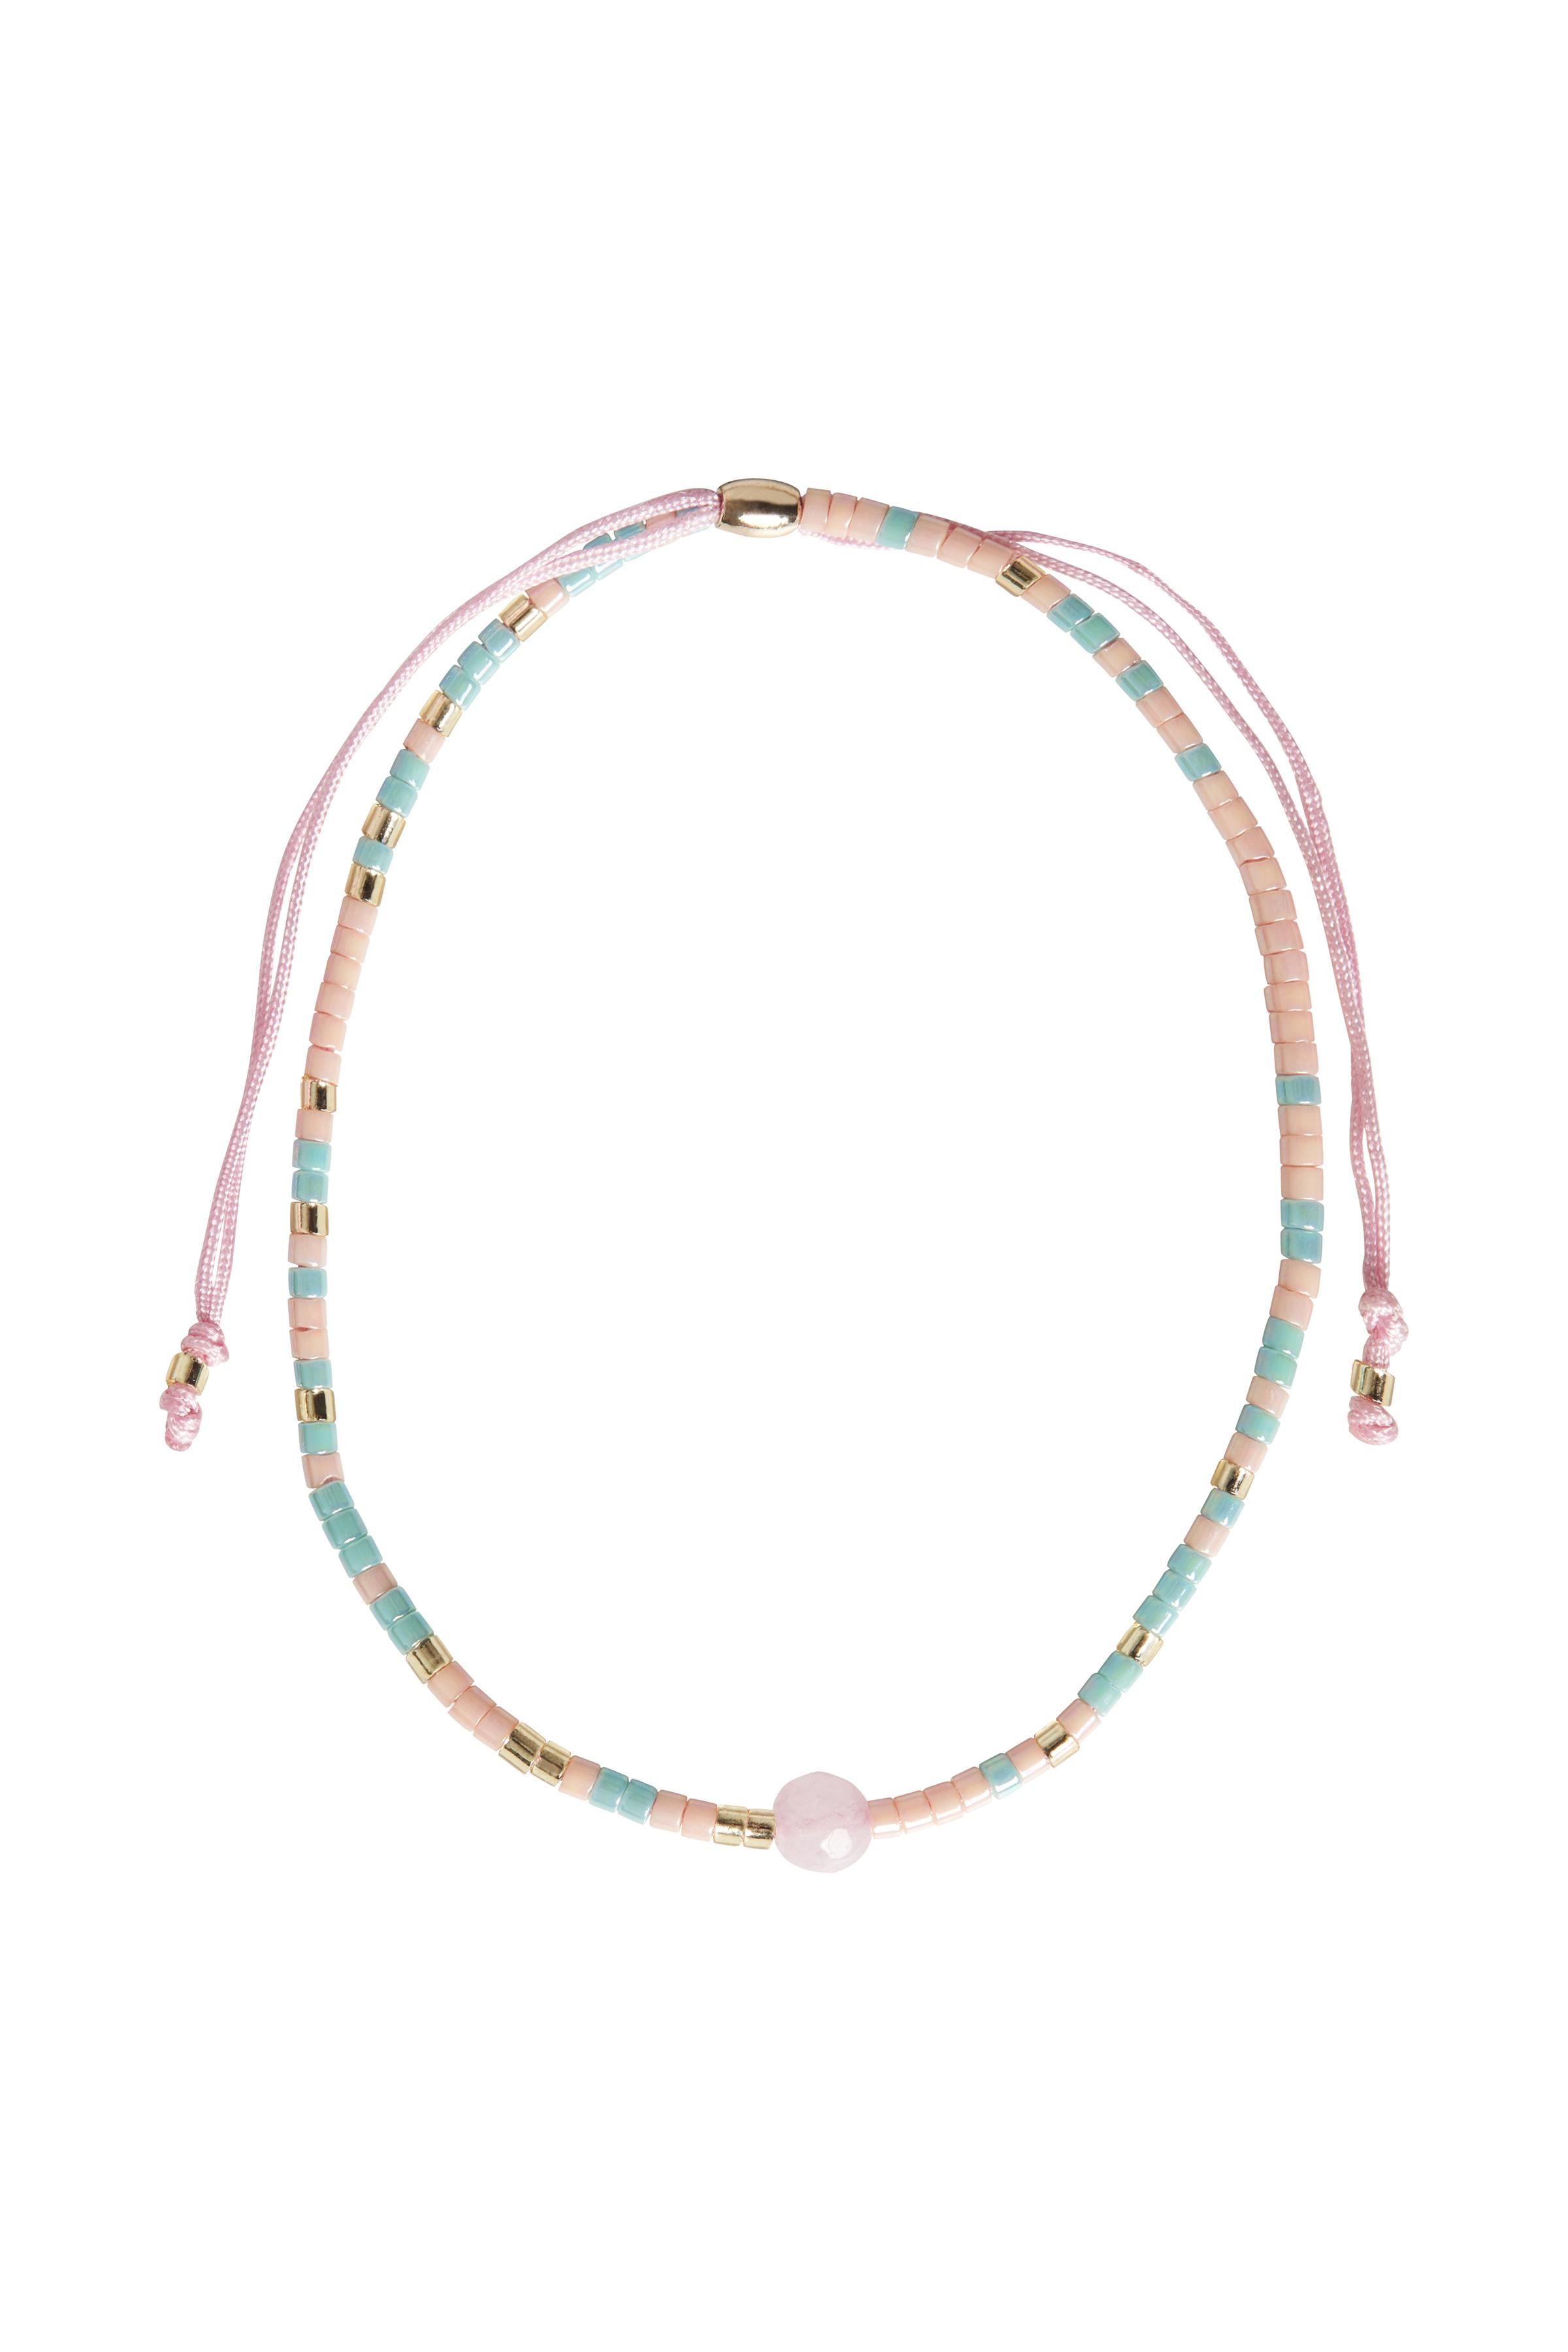 Fransa Dame Armband - Turquoise/roze